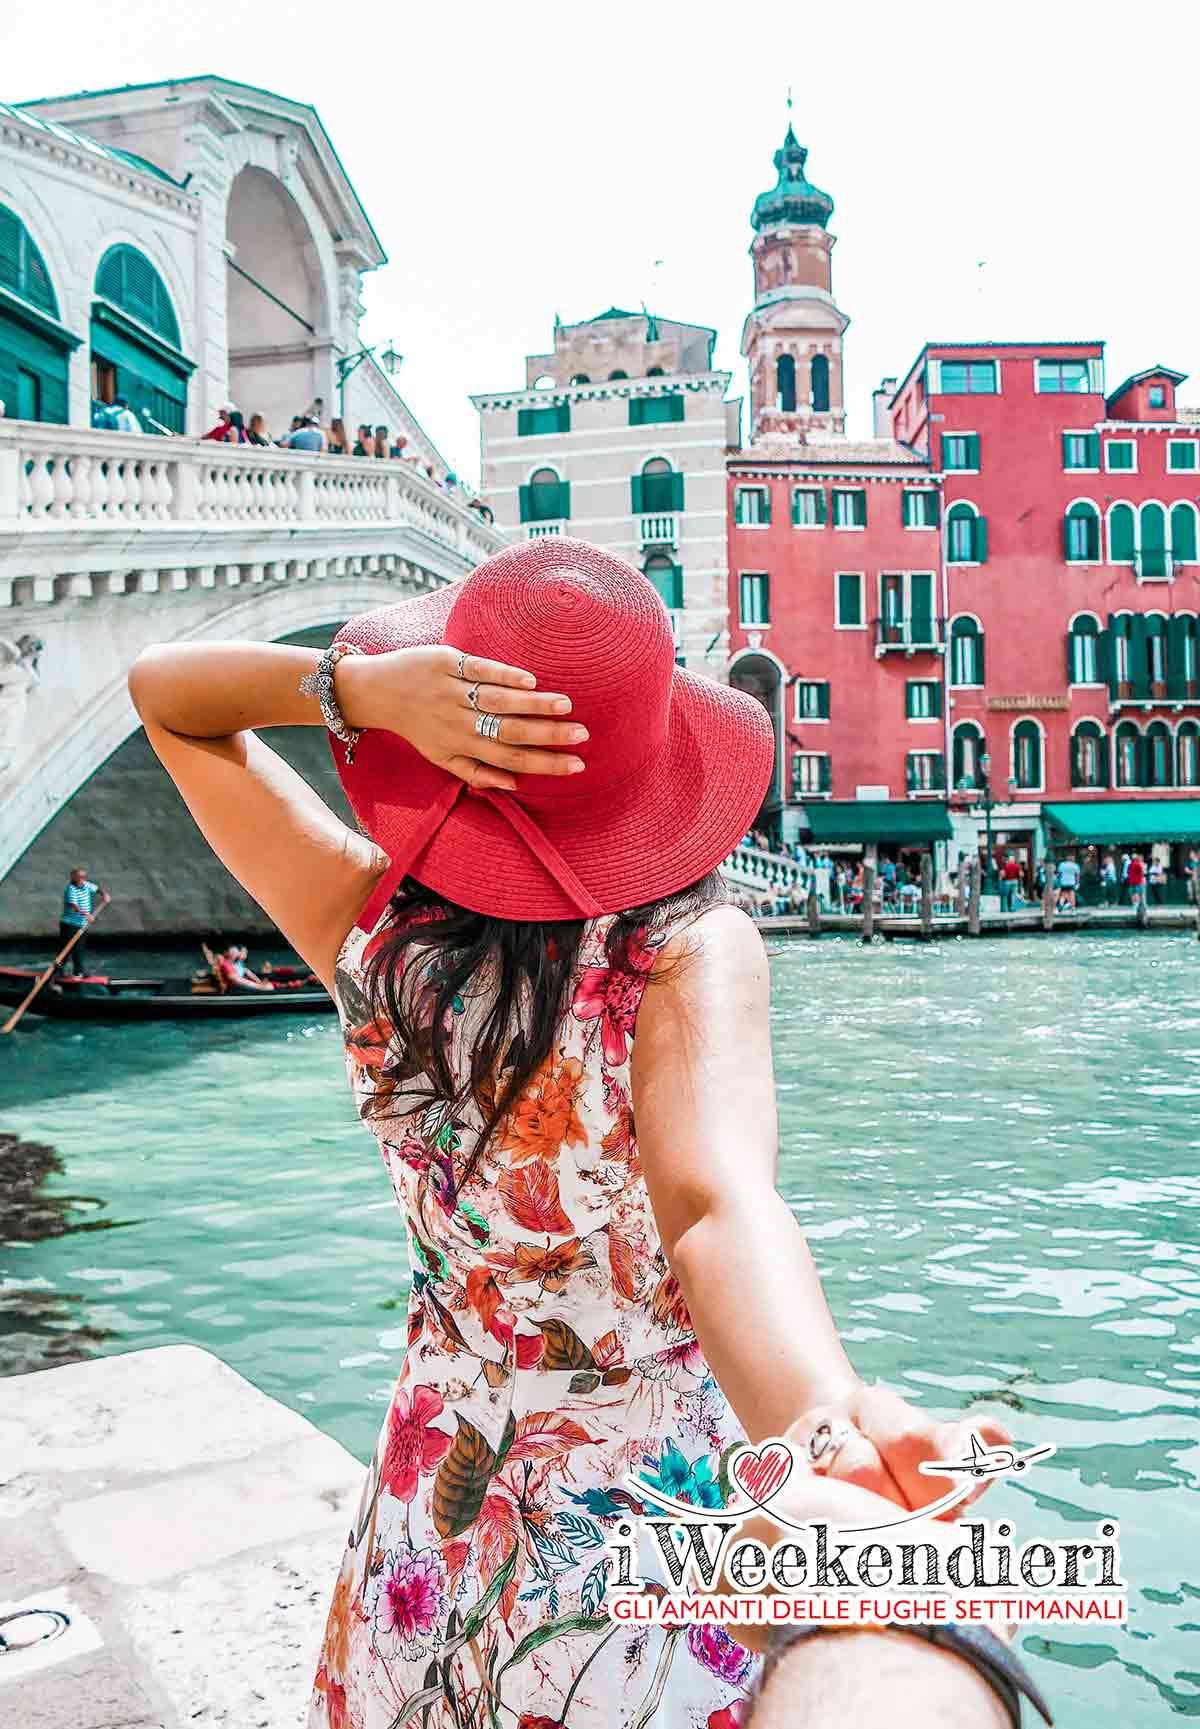 città da visitare nel nord Italia in un weekend